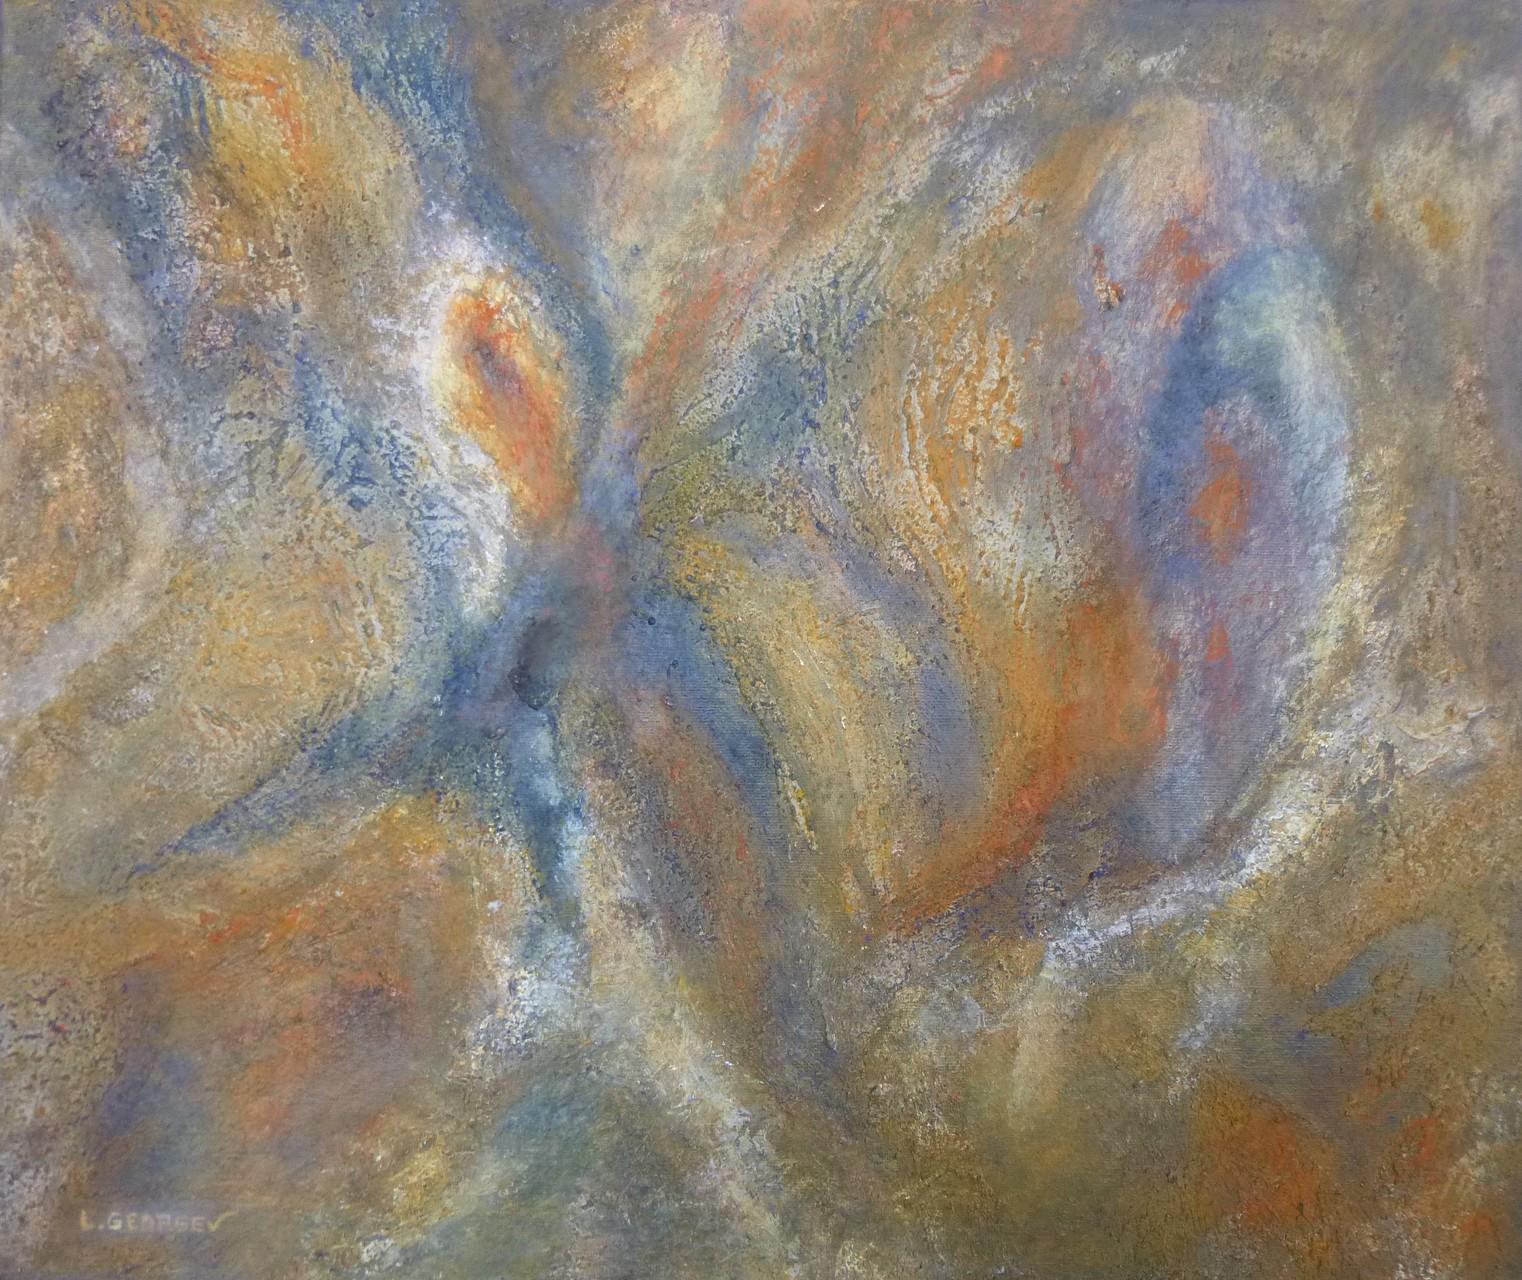 ÉVEIL, techniques mixtes sur toile, 46x55cm